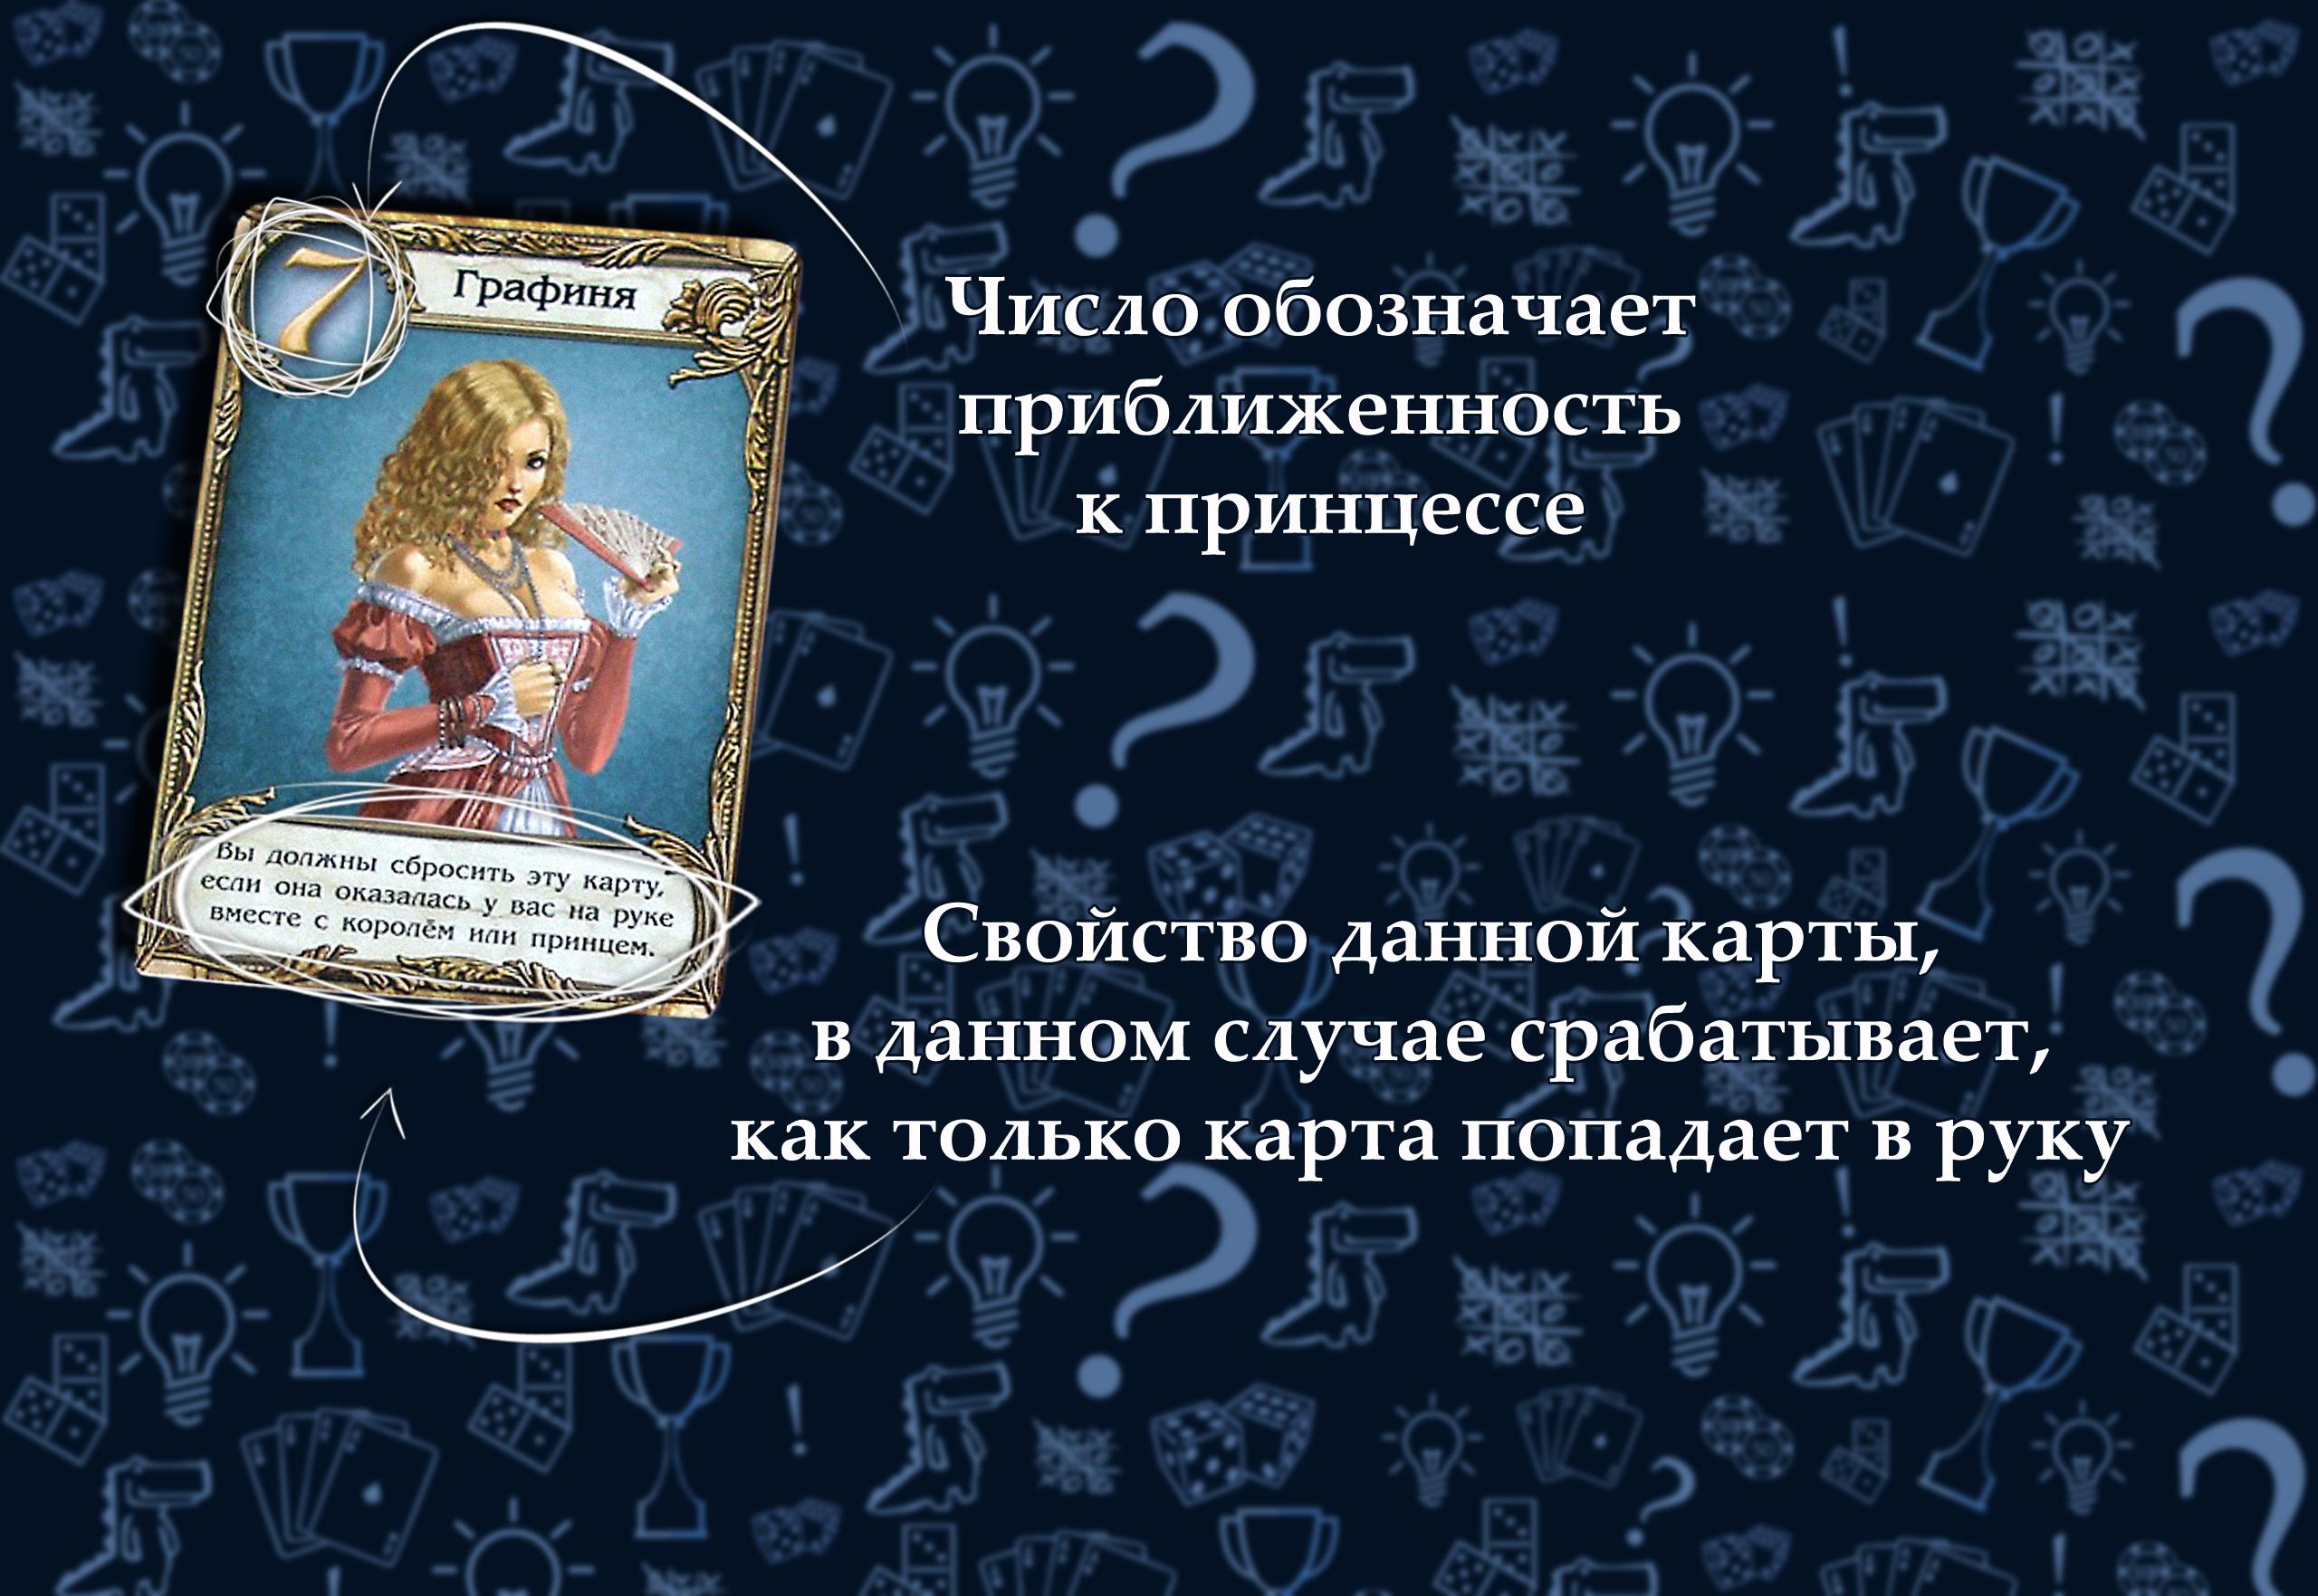 Приближенность к принцессе в настольной игре тайное послание